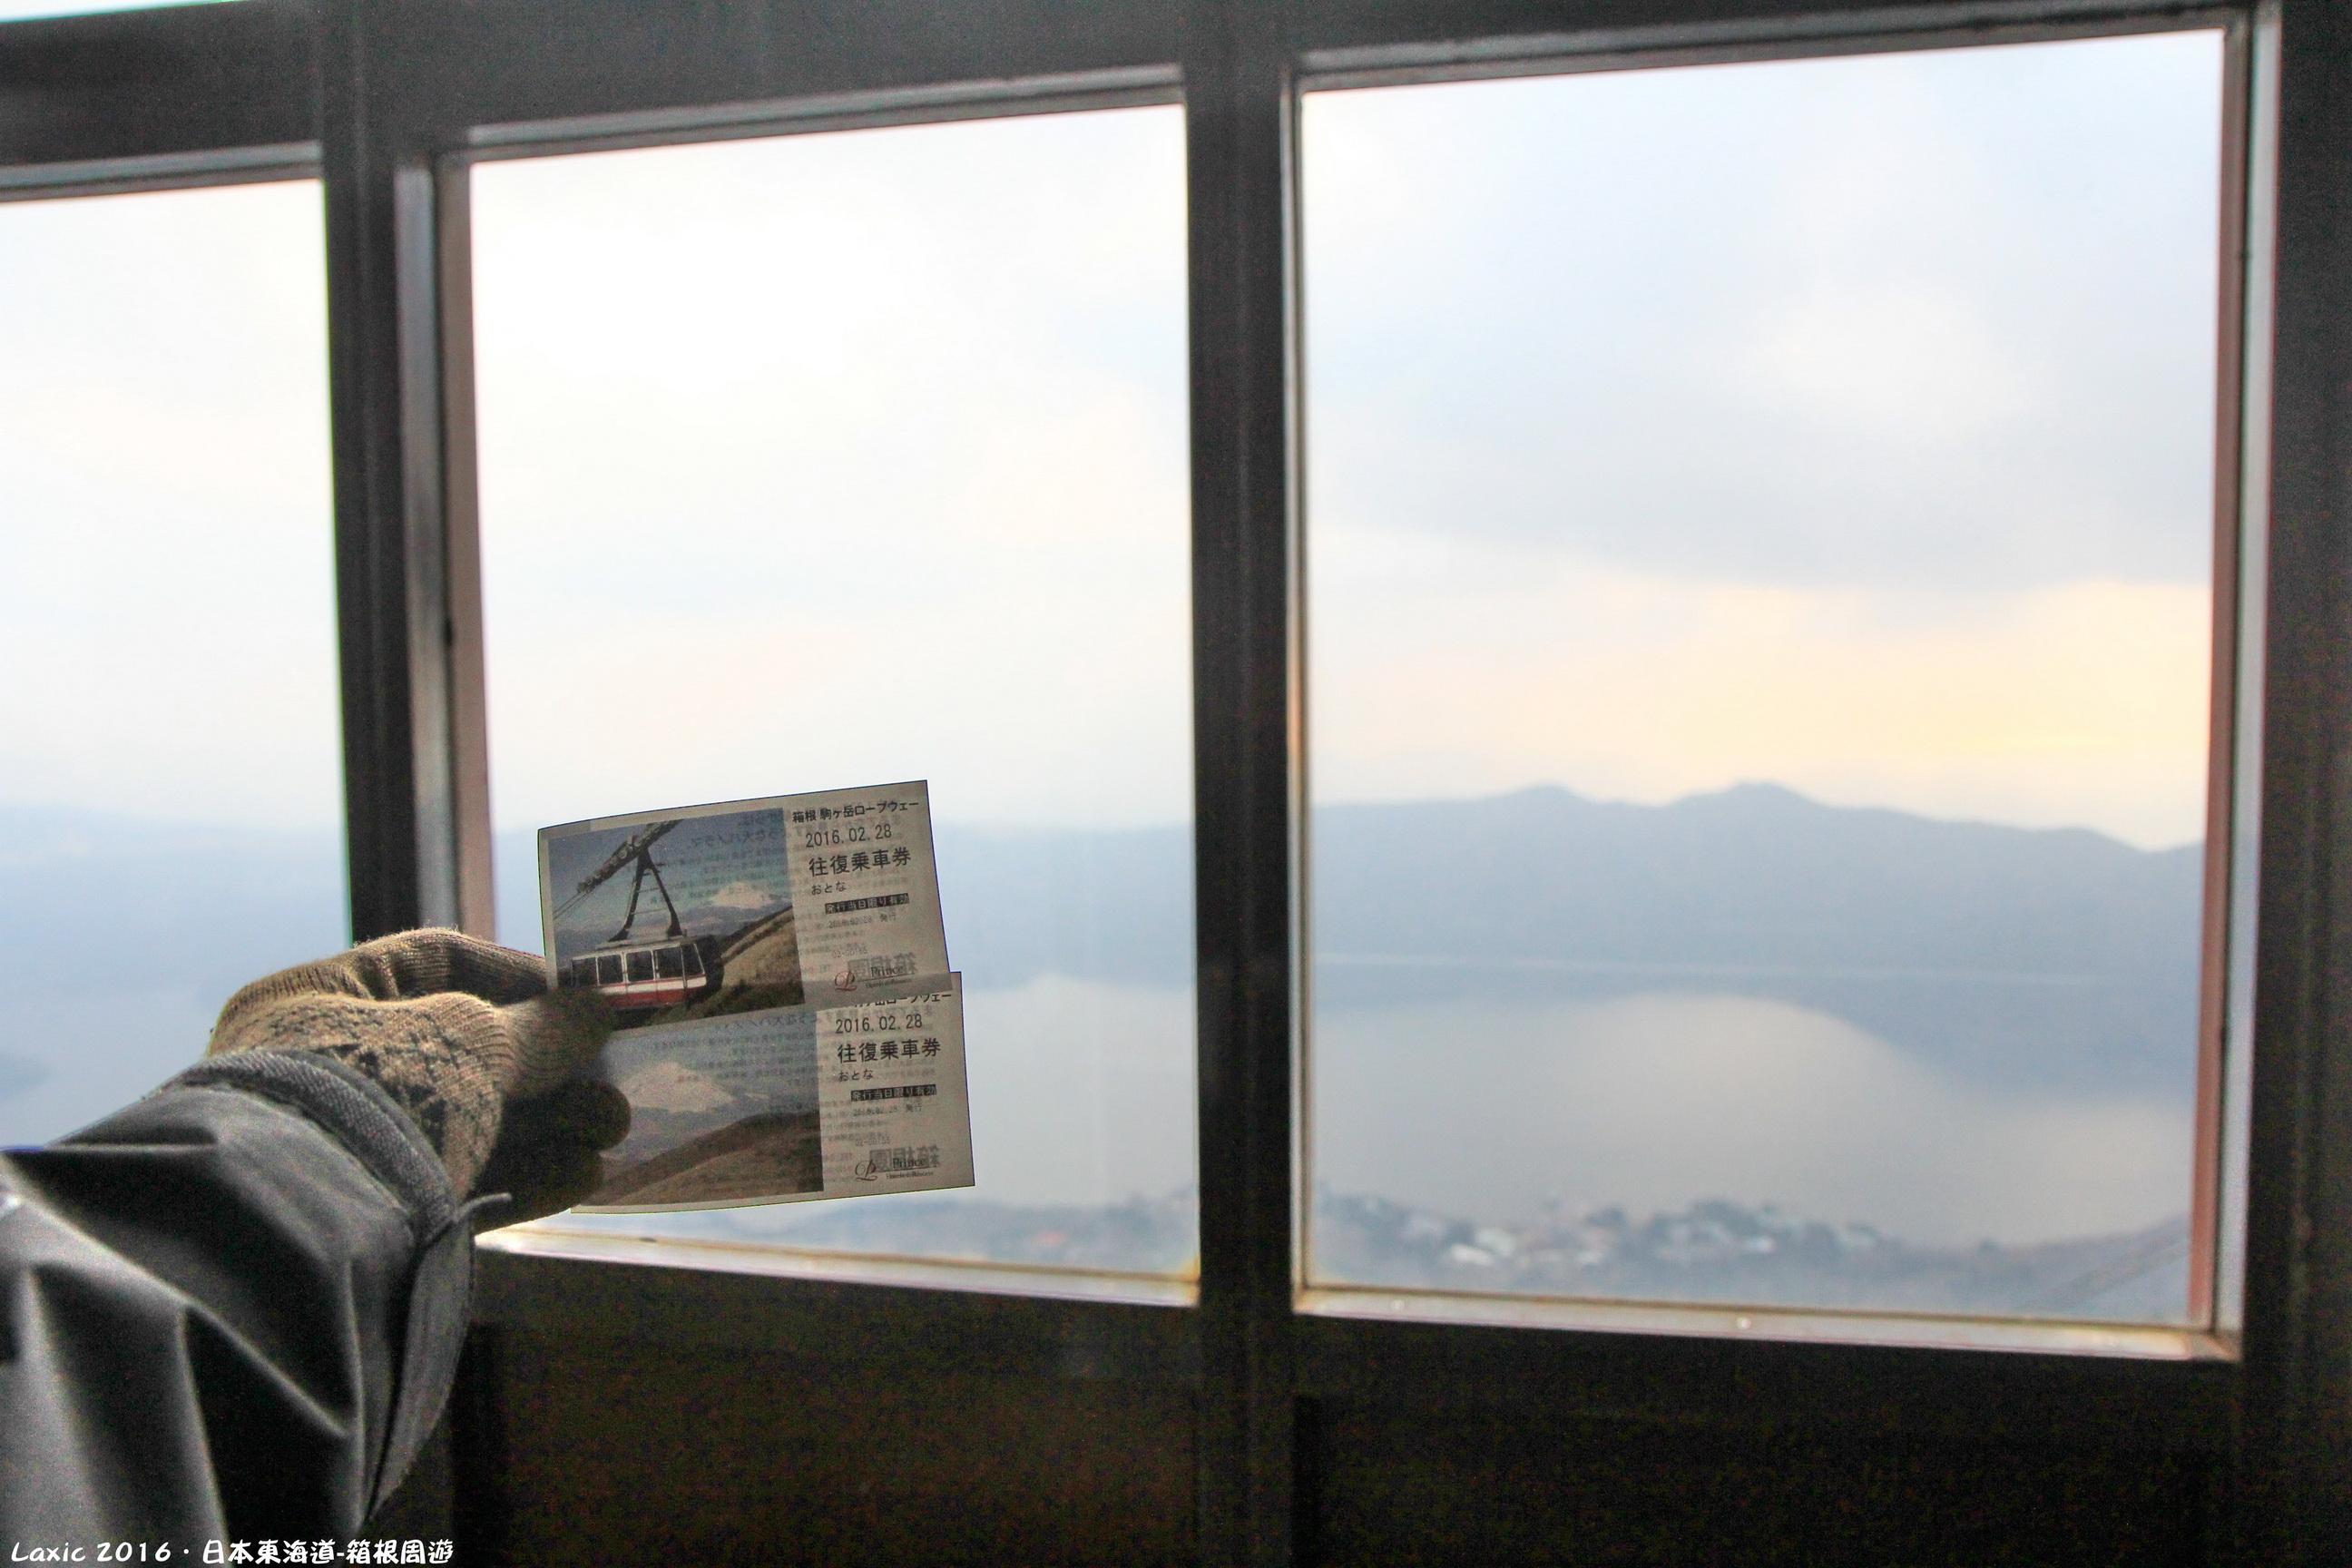 日本東海道-箱根周遊.海賊觀光船 & 駒之岳纜車